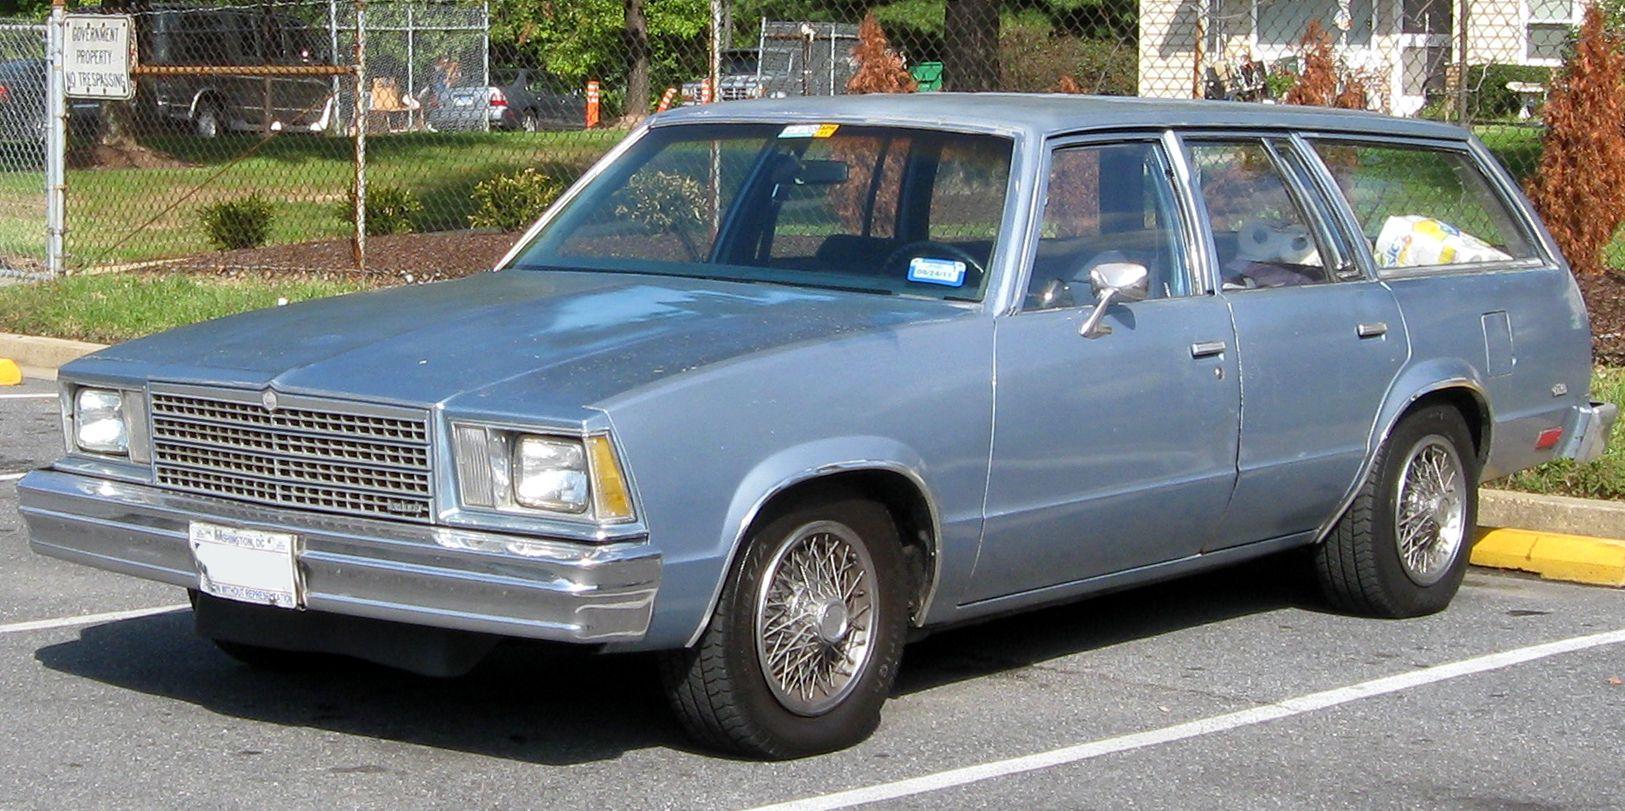 1980 Chevy Malibu Wagon Chevrolet Malibu Chevrolet Chevelle